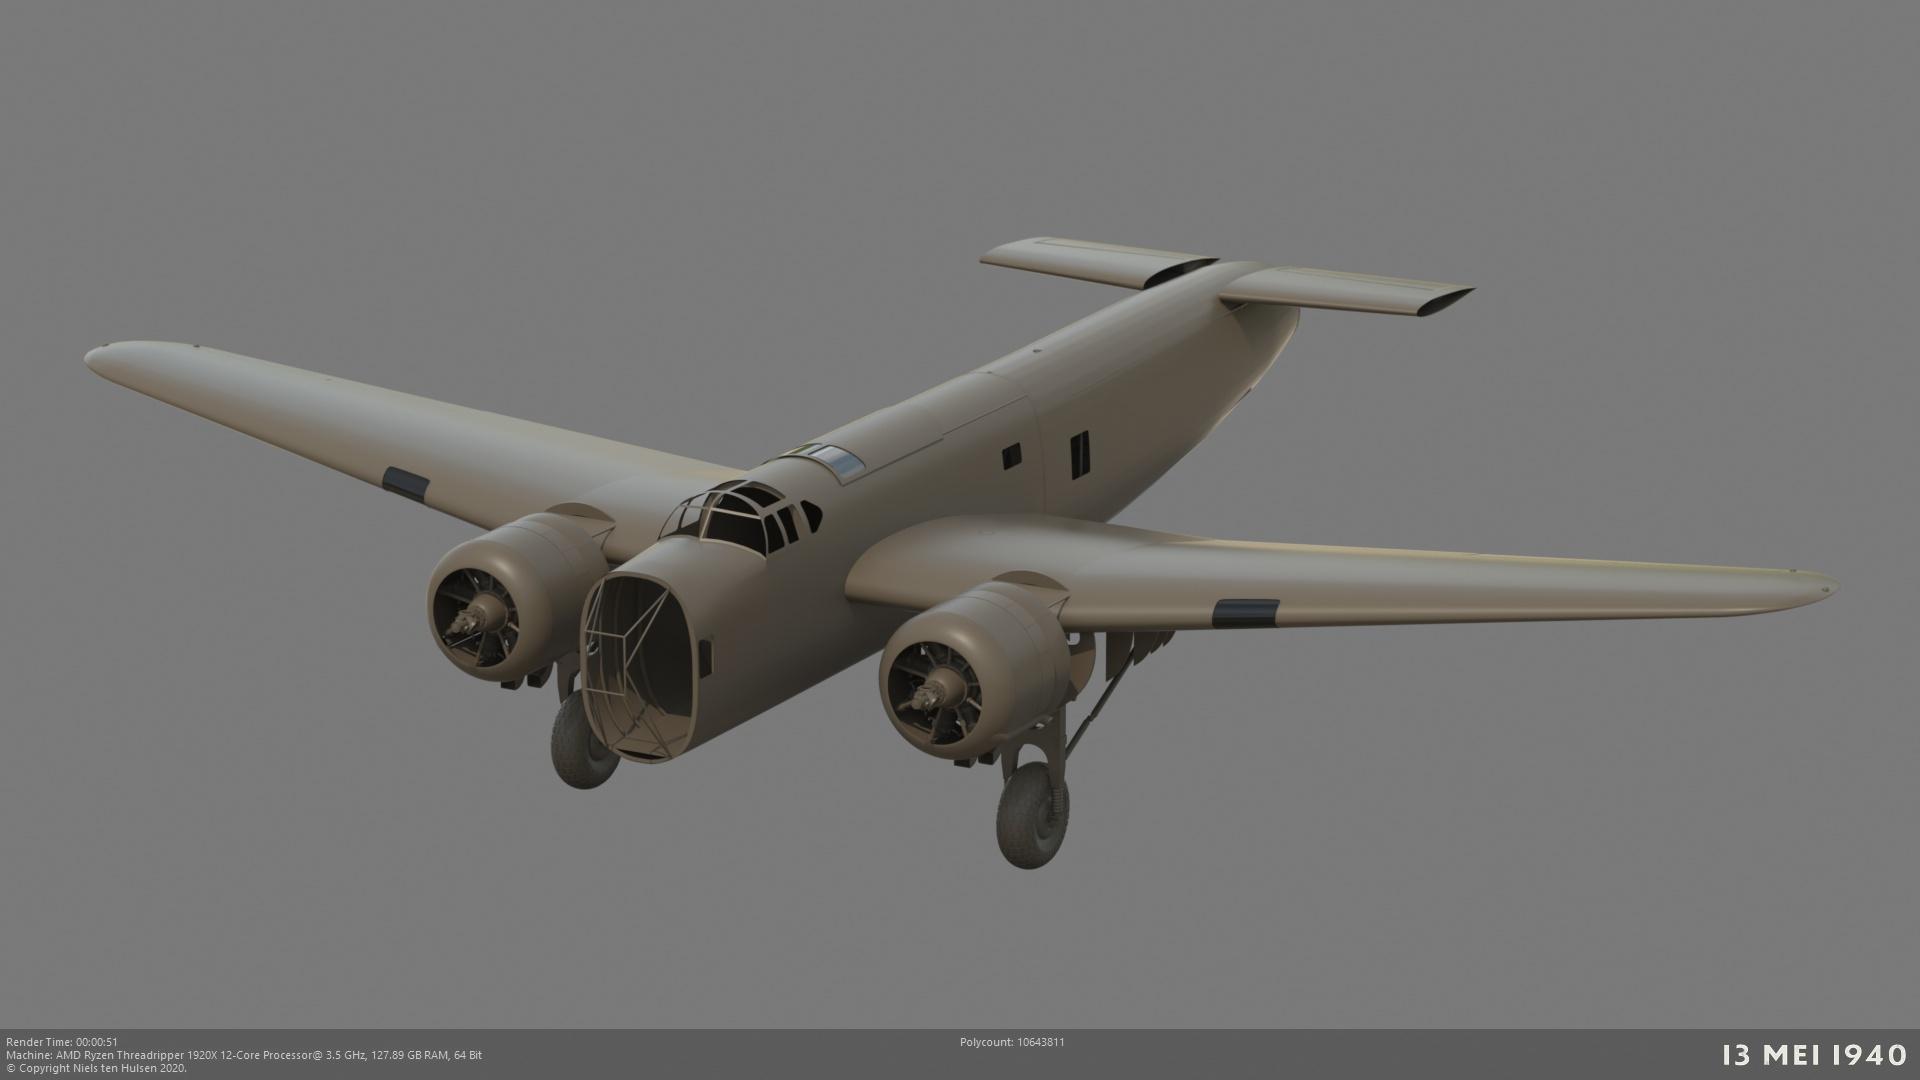 Naam: 001_FokkerT5_motor14.jpg Bekeken: 122 Grootte: 180,9 KB